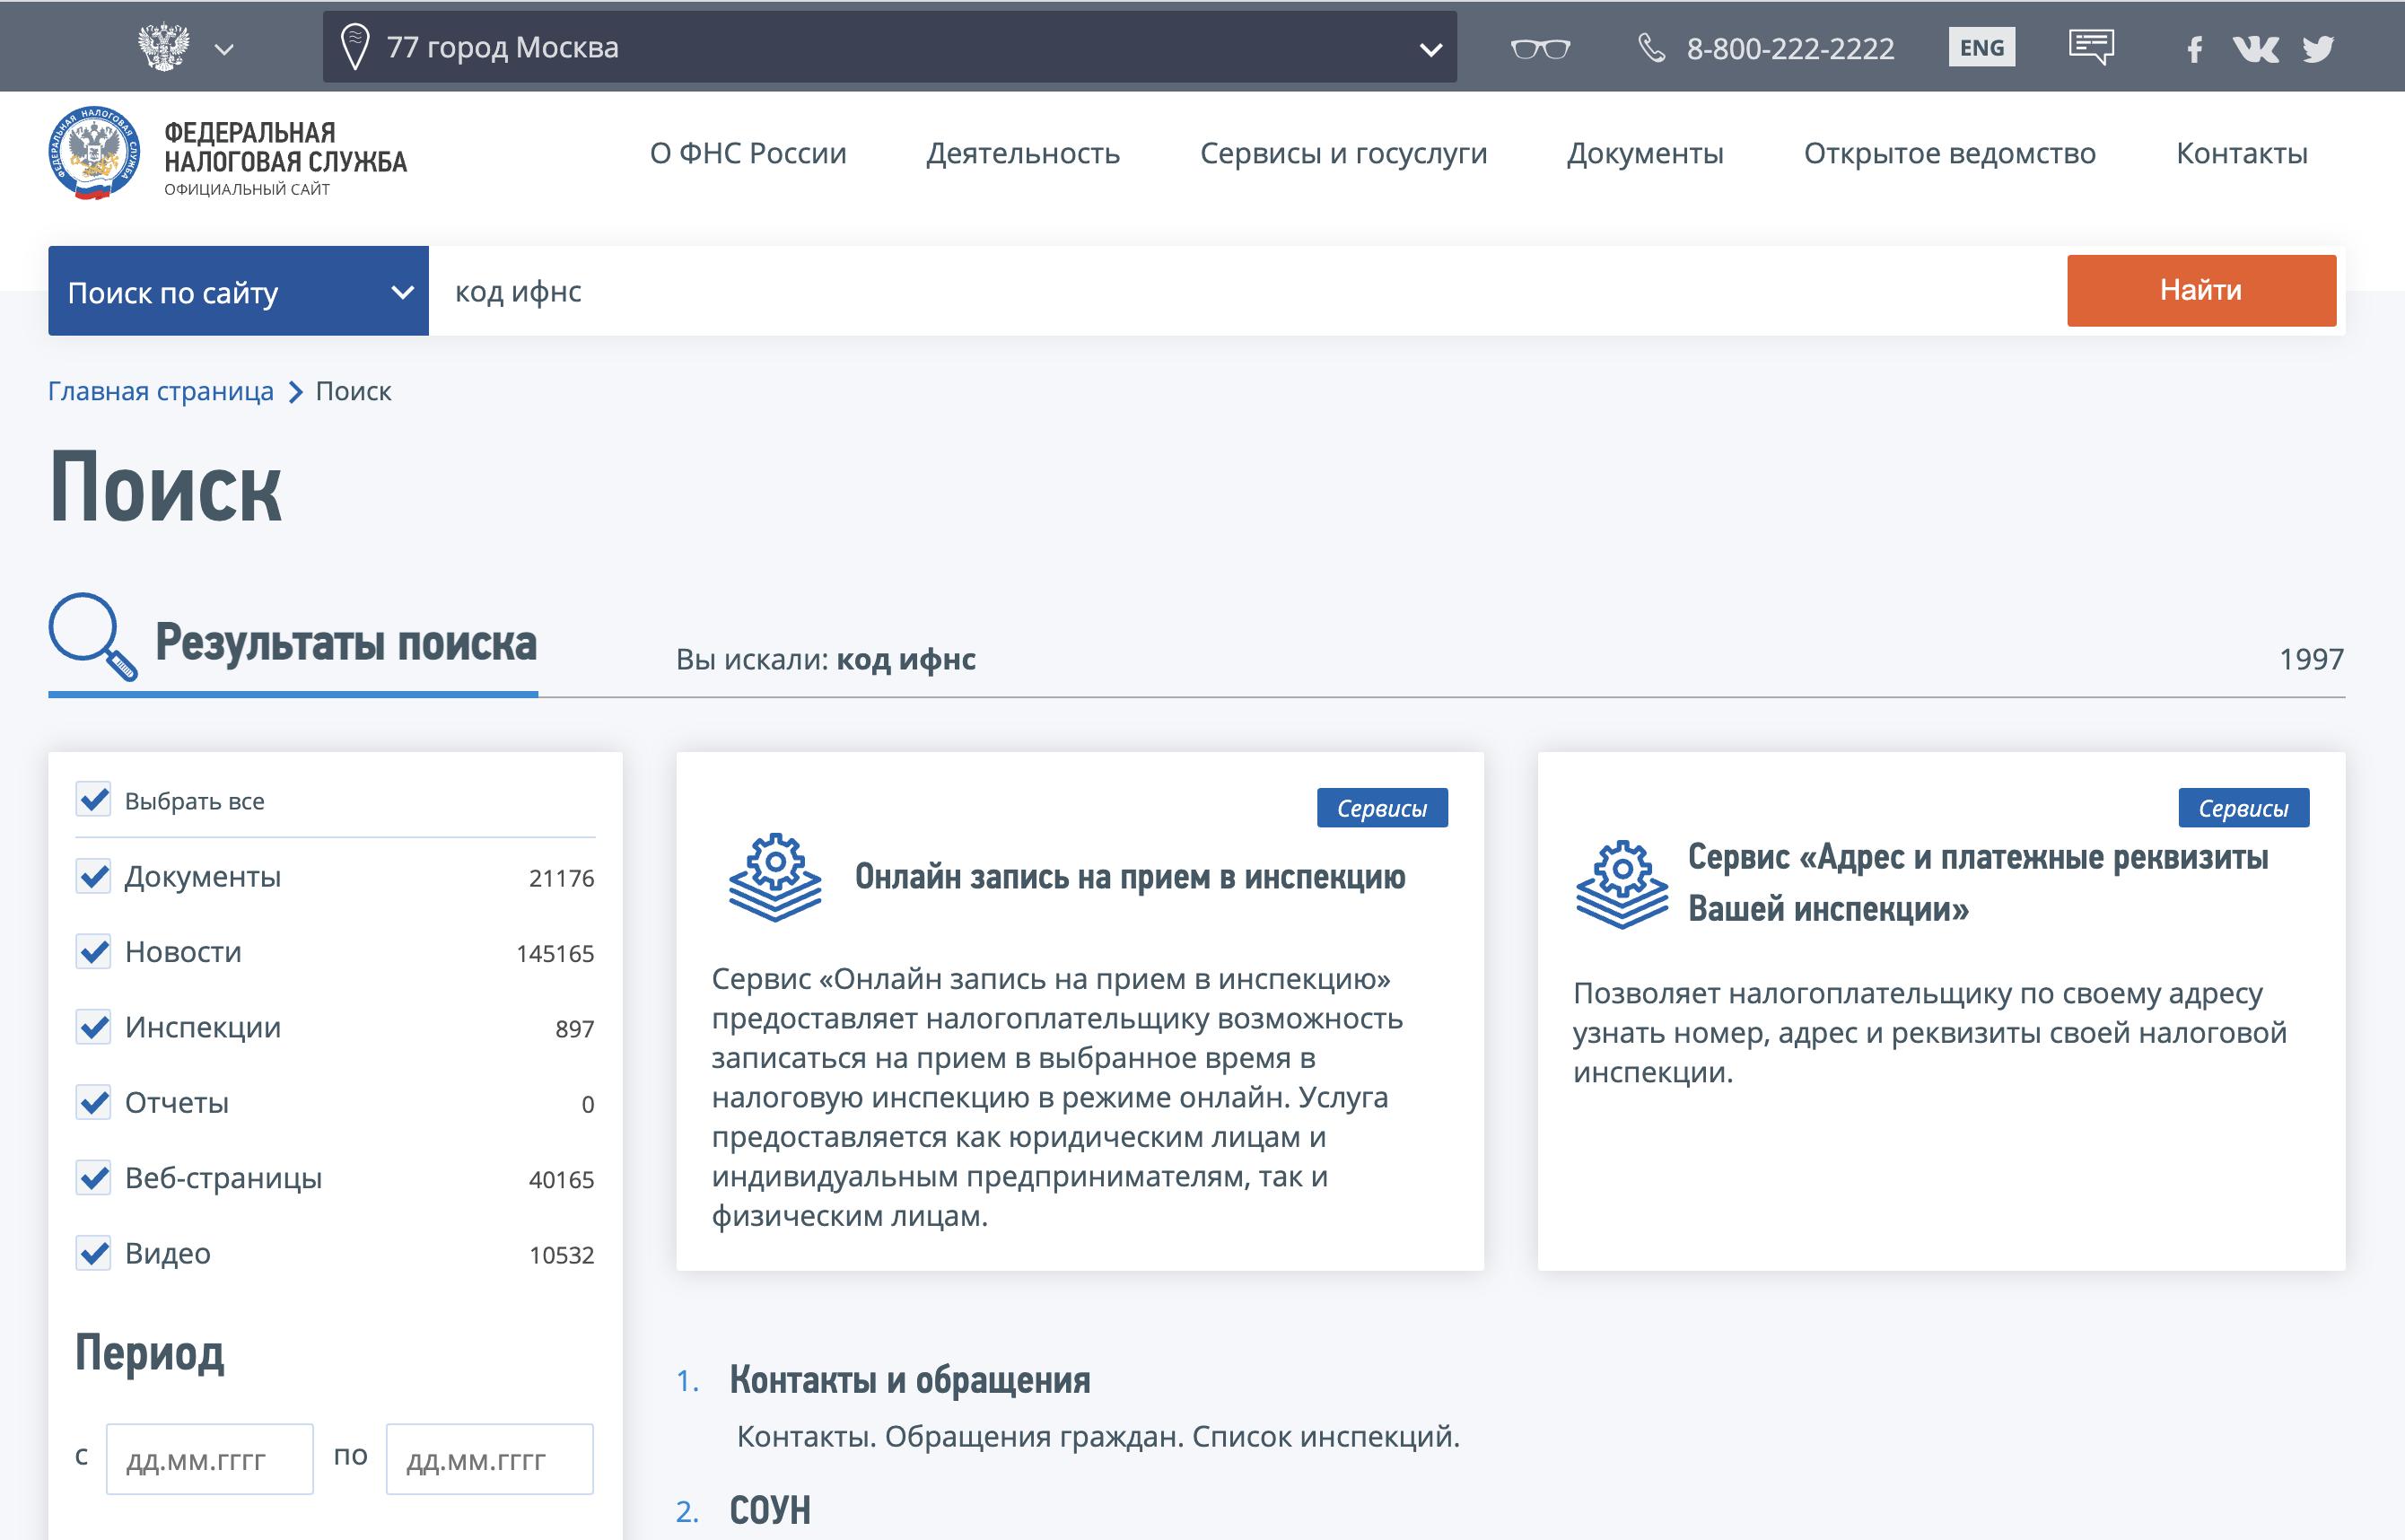 код ифнс как узнать на сайте nalog ru